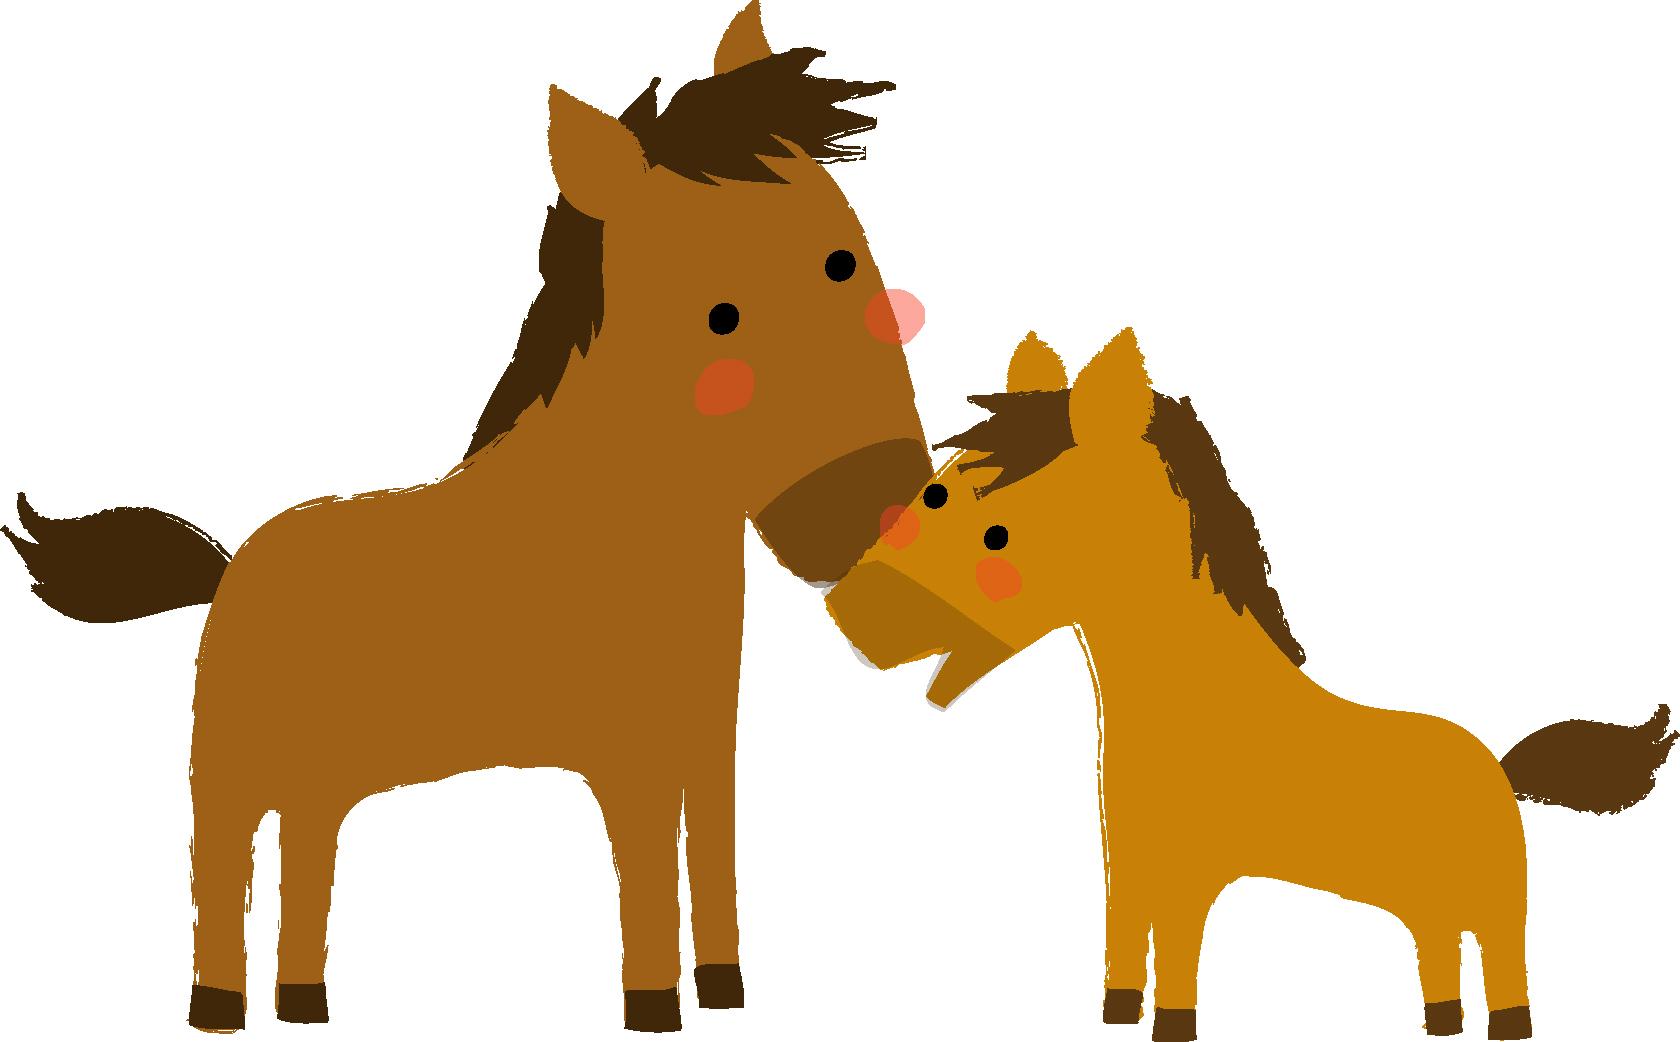 馬の親子 ダウンロード かわいい無料イラスト 印刷素材 Net